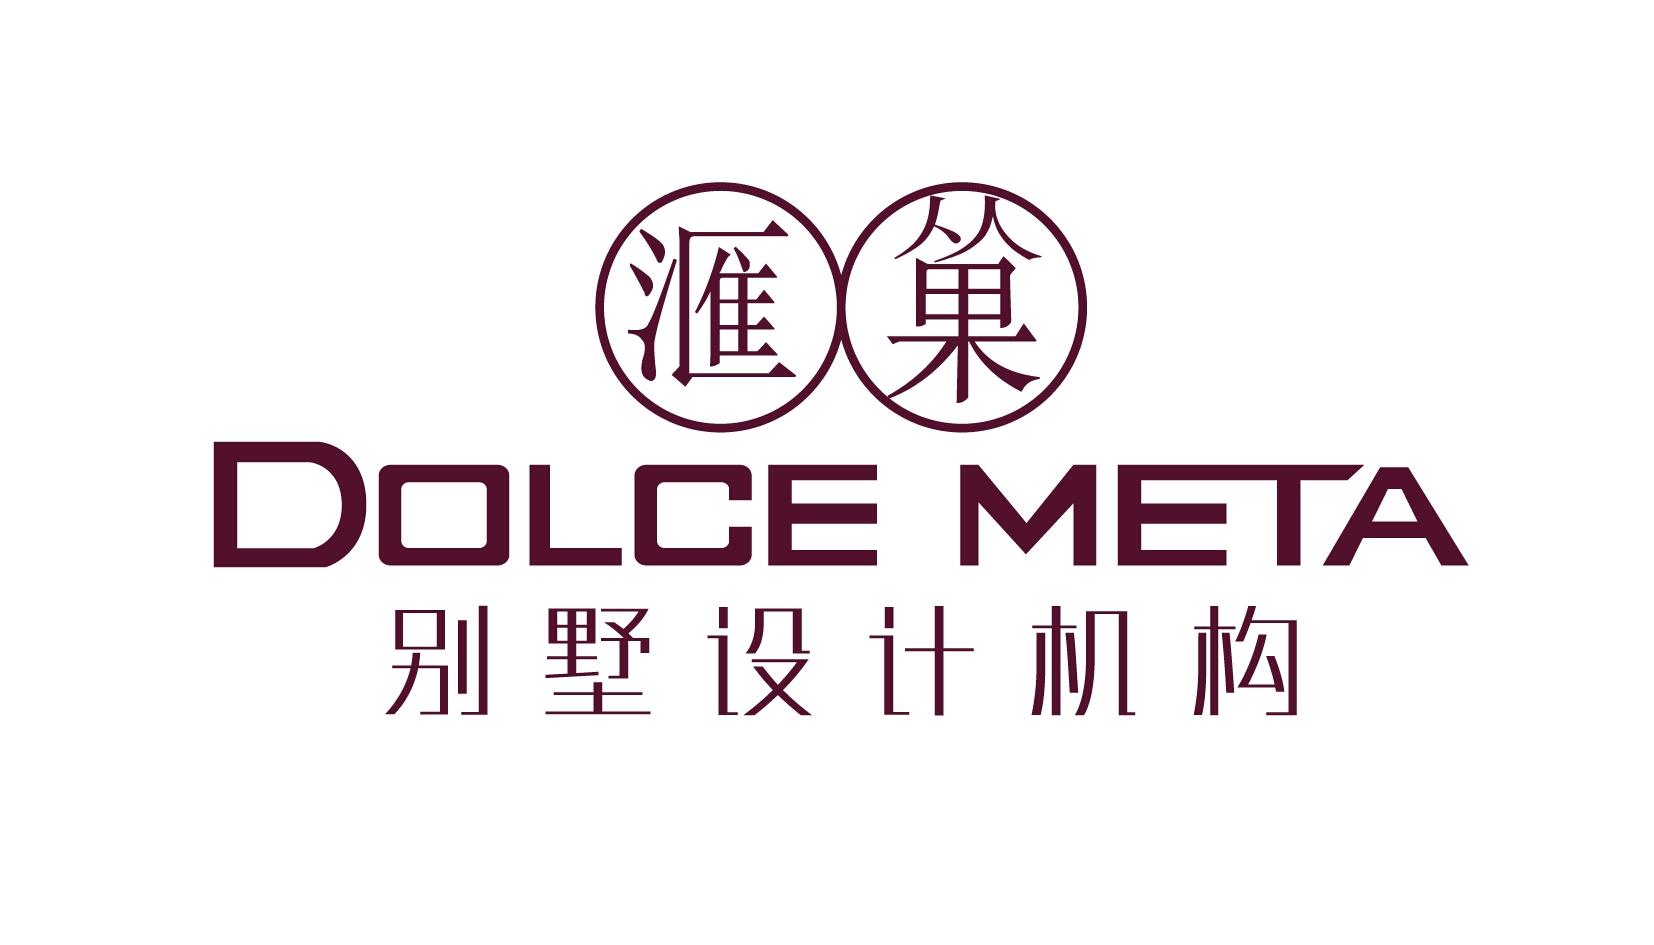 logo logo 标志 设计 矢量 矢量图 素材 图标 1654_945